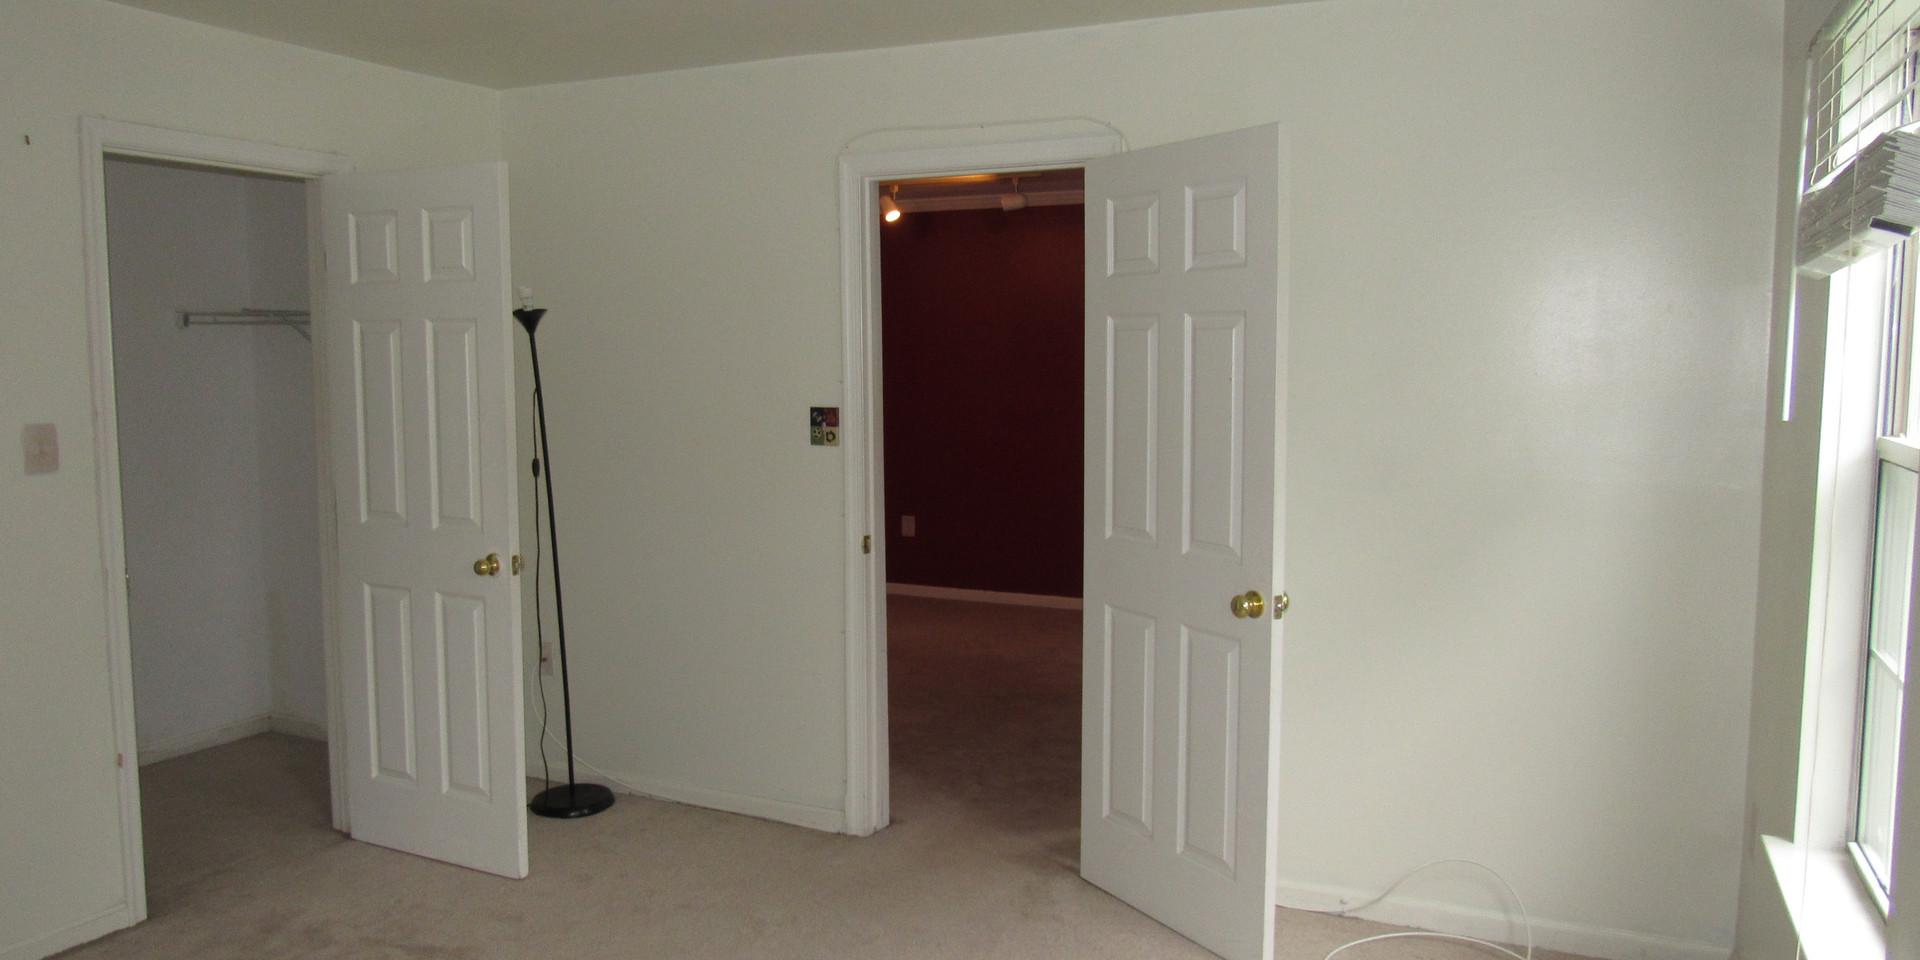 13 - Guest Bedroom 4.JPG